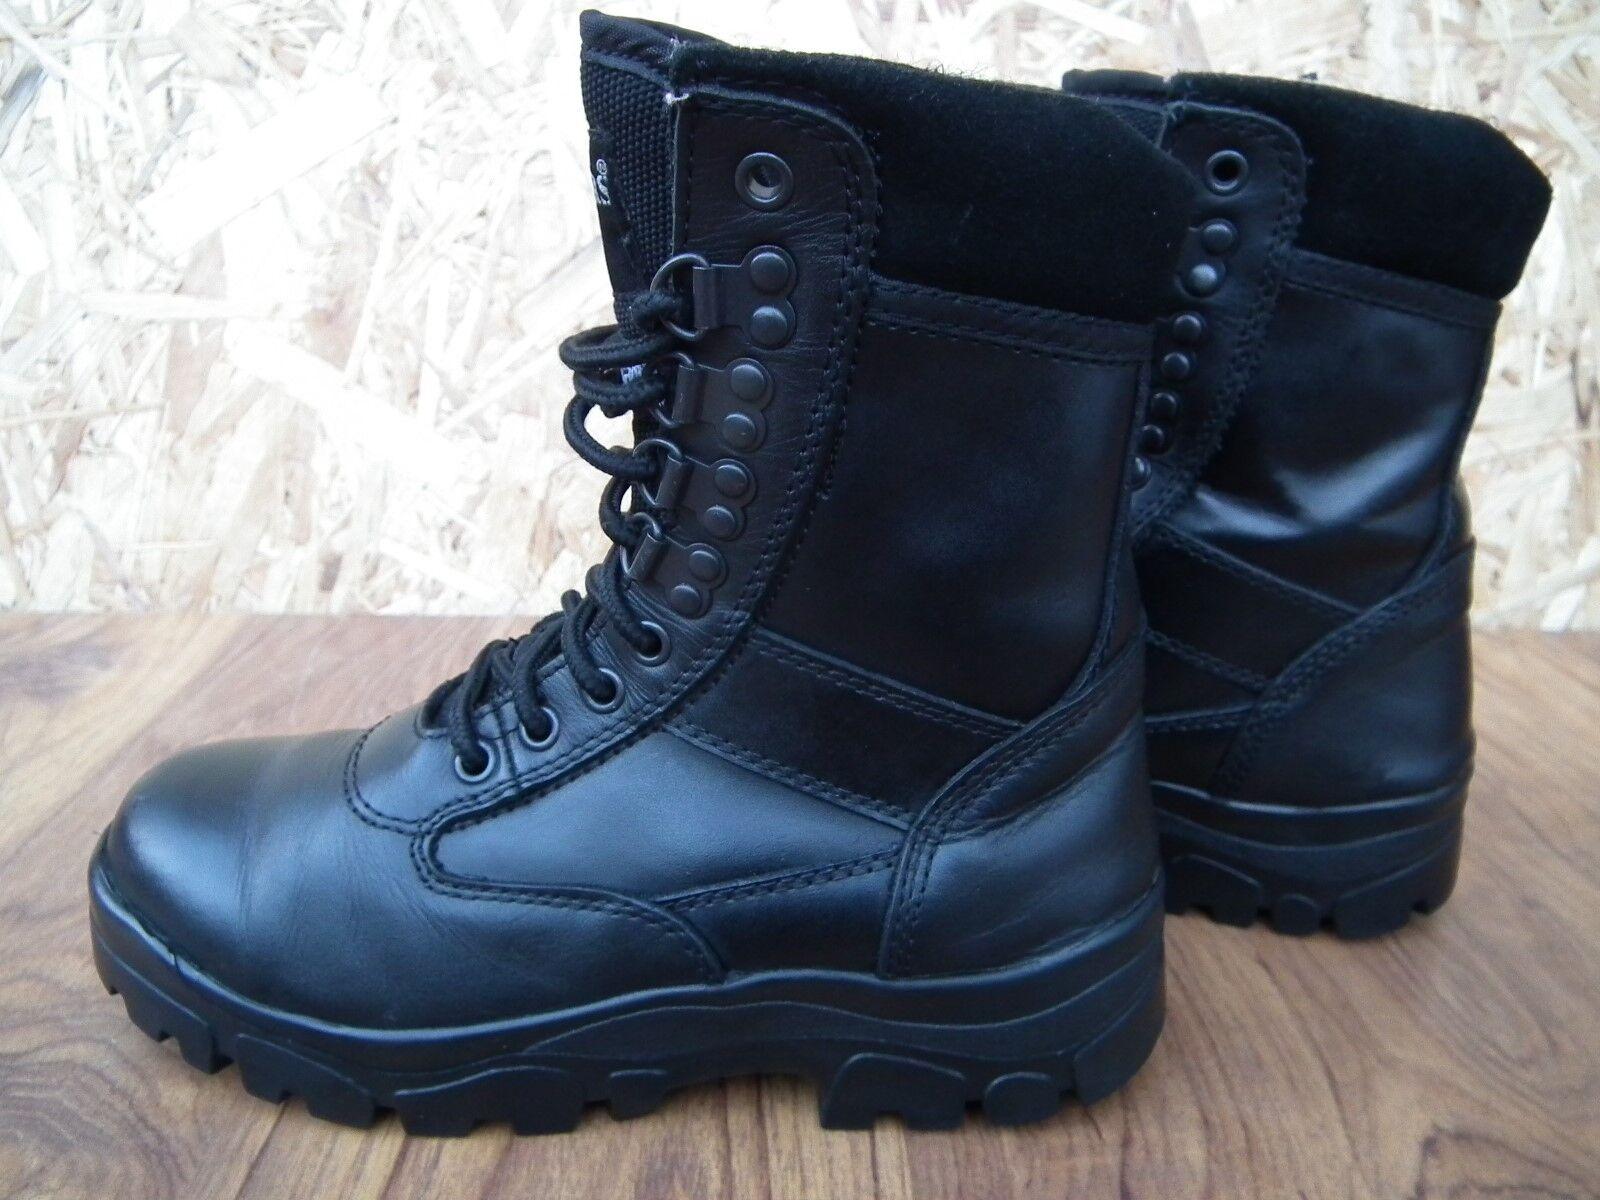 GRAFTERS da Uomo Ragazzi Combat pelle Cadetto Stivali tattici in pelle Combat nera Taglia UK4 M671A d423fc